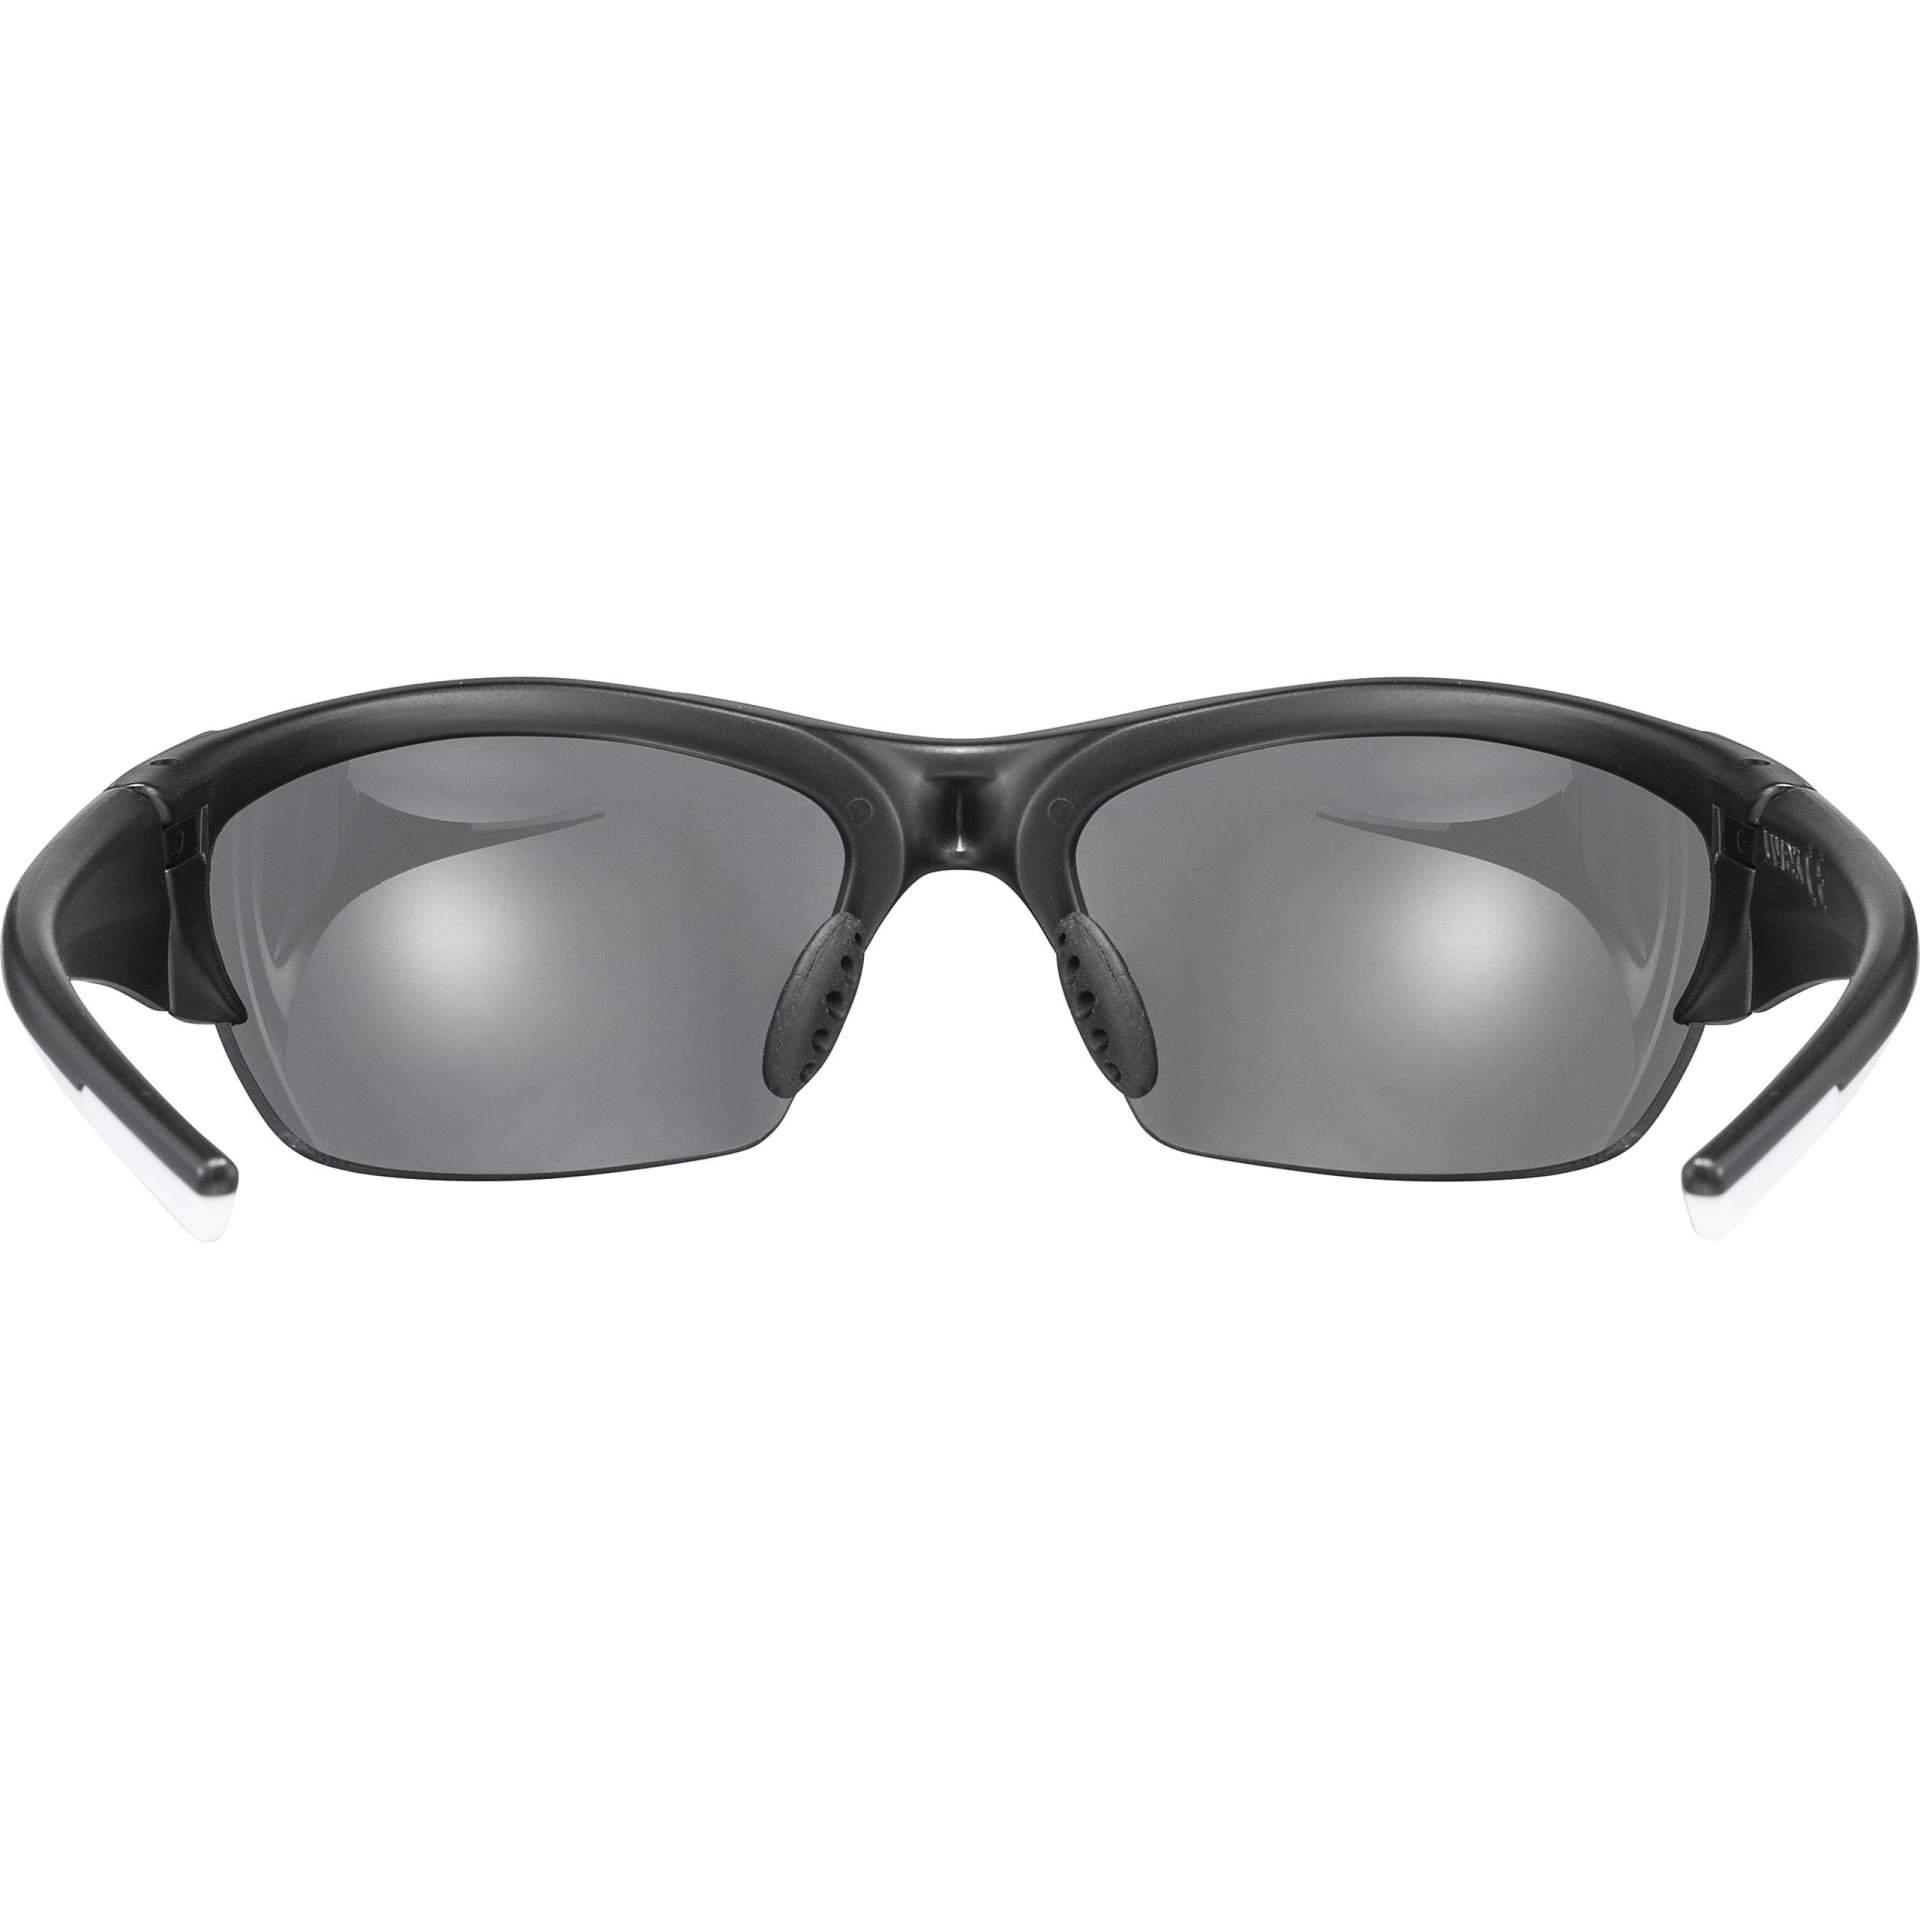 OKULARY UVEX BLAZE III 53|2|046|2210 BLACK MAT W ŚRODKU